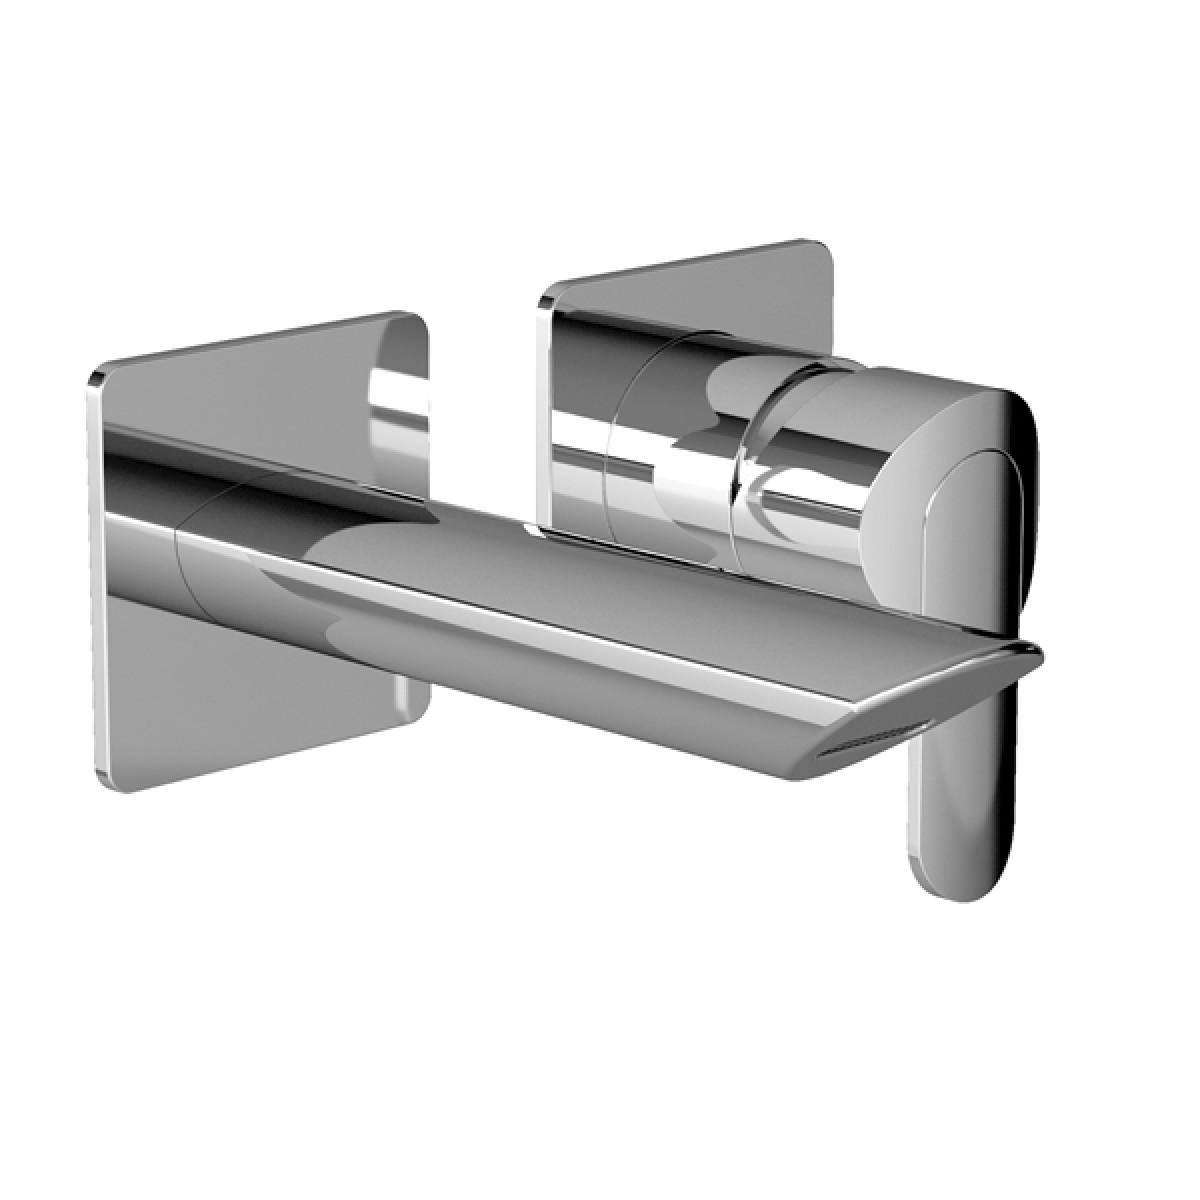 Miscelatore monocomando lavabo da incasso lvbdrm2023000 - Lavabo da incasso bagno ...